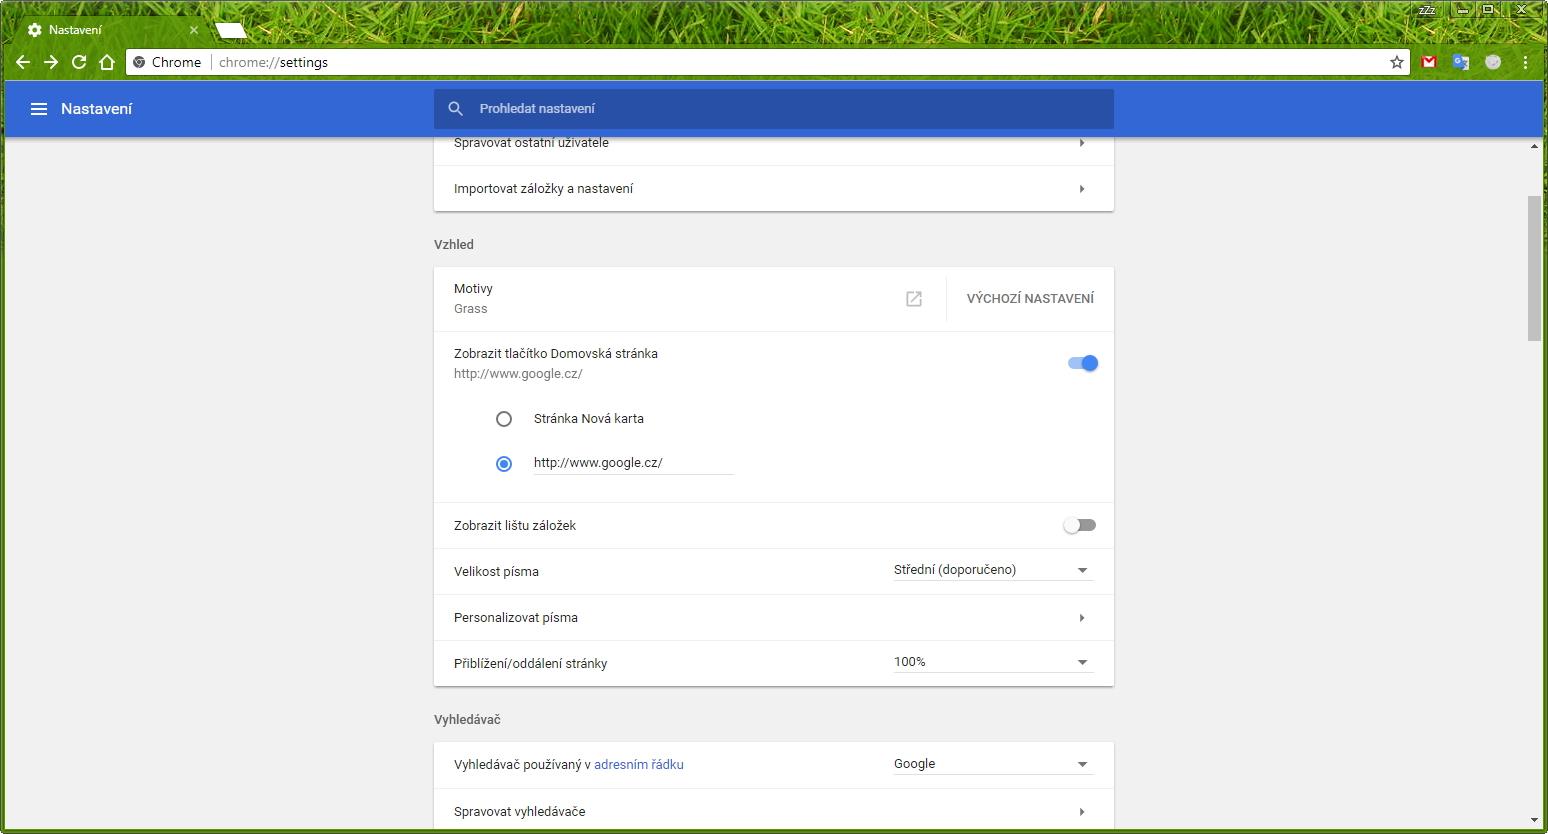 Nastavení Chrome v podobě Material design